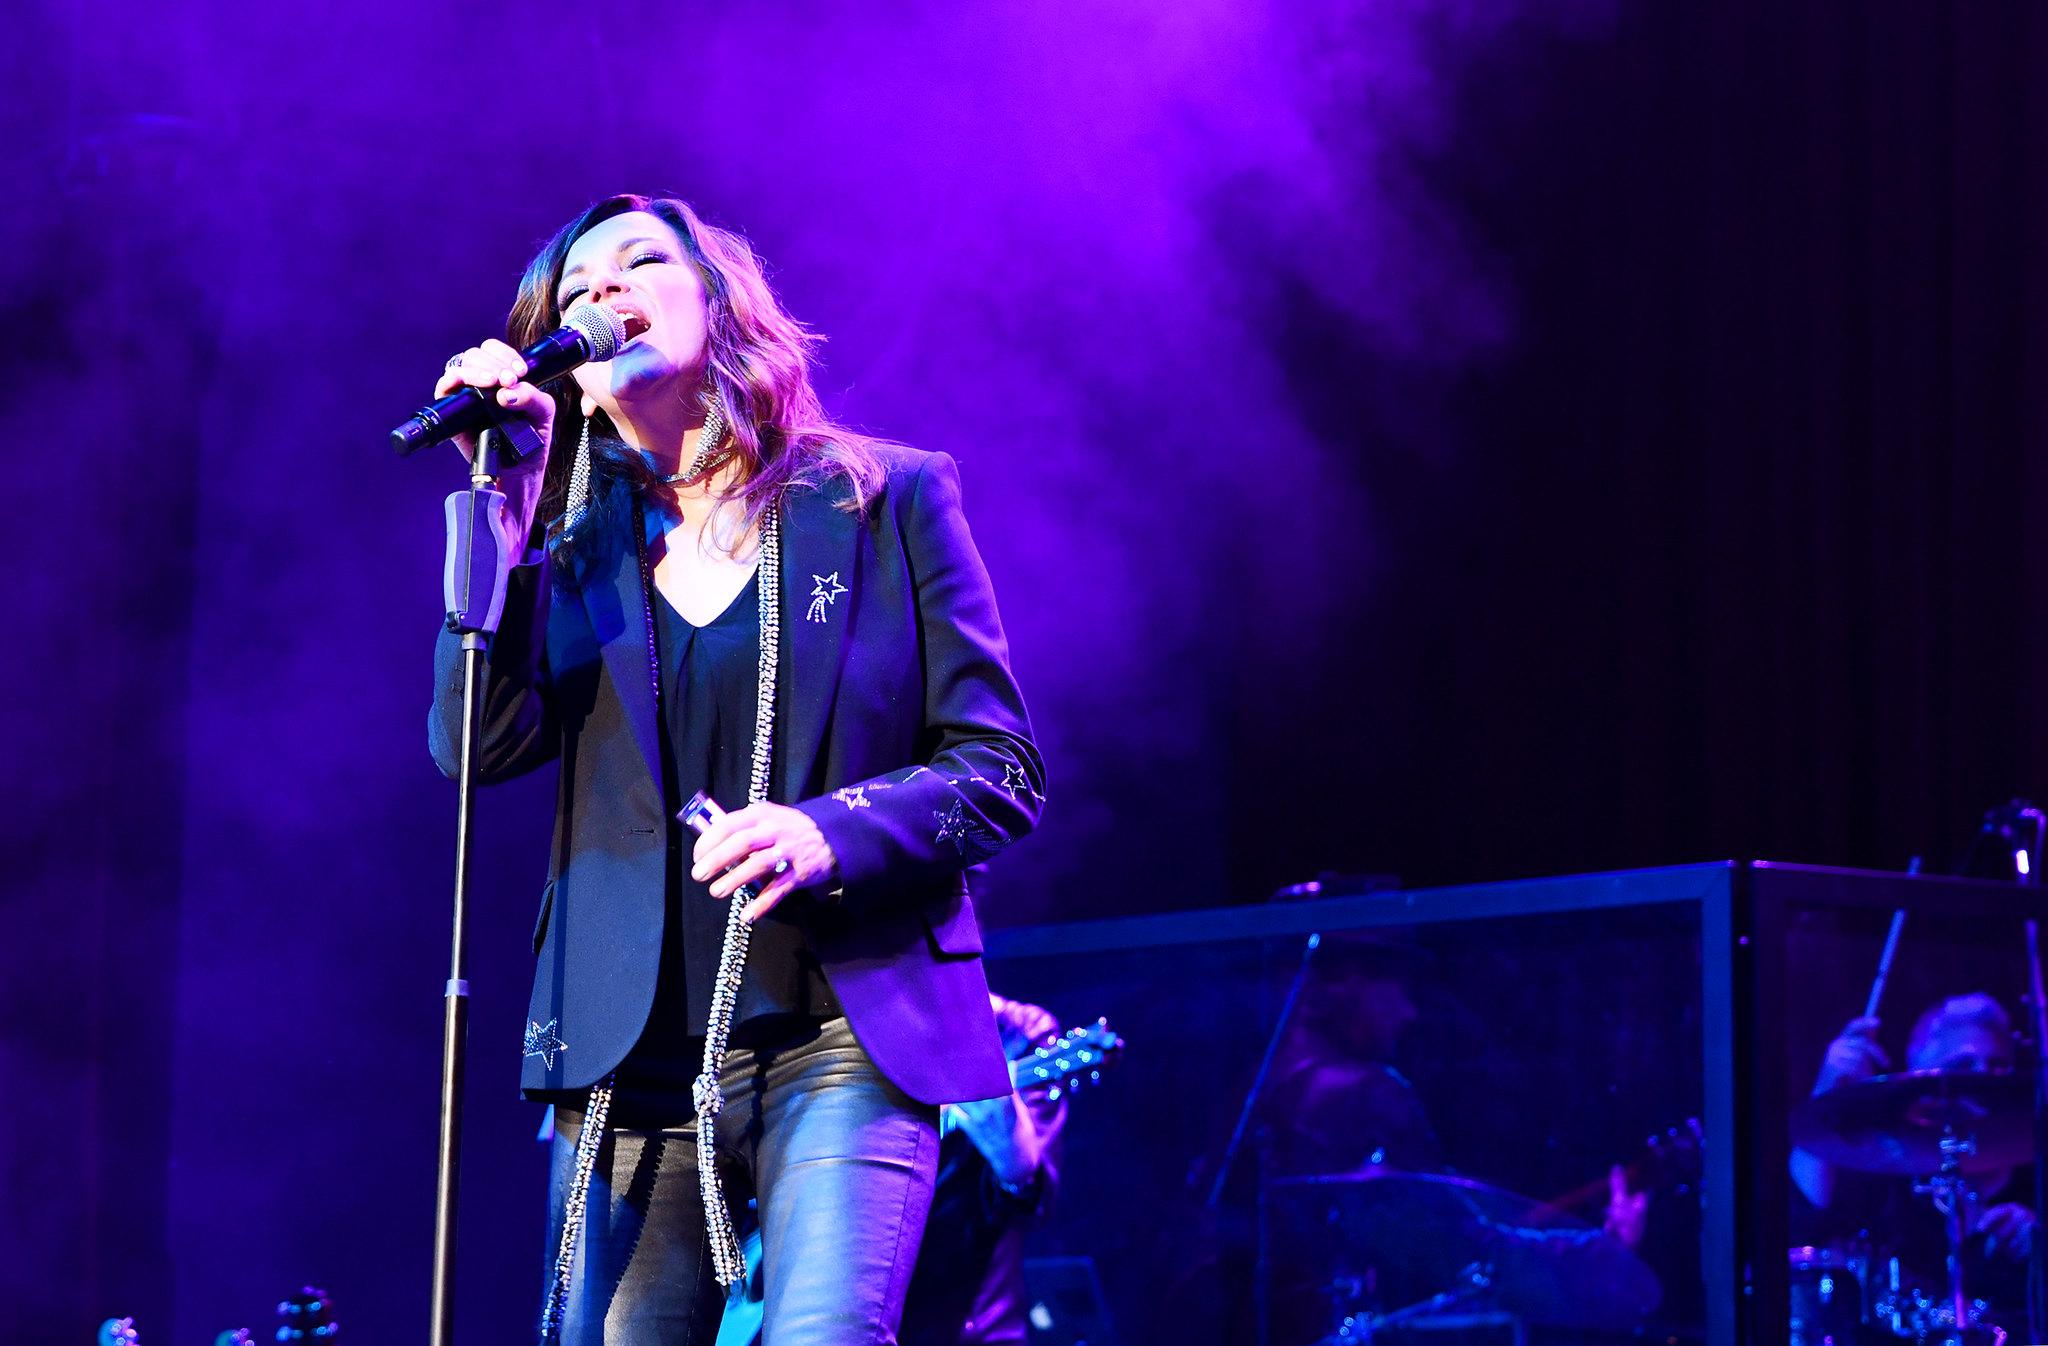 Martina McBride performs